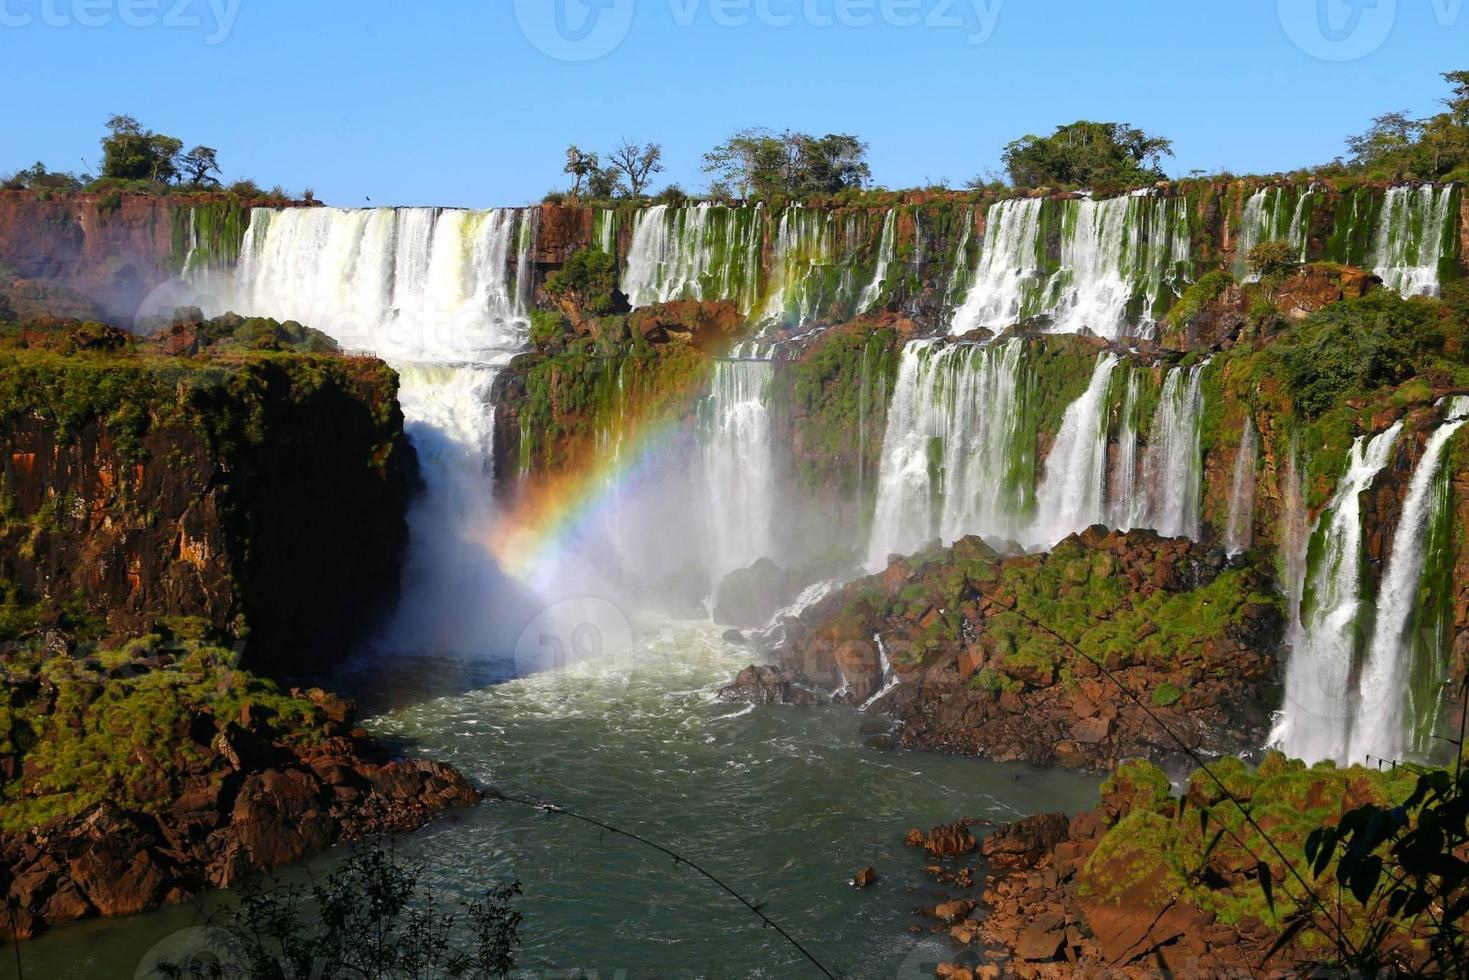 argentinska - chutes d'iguazu, parc national d'iguazu, iguassu, arc en ciel foto